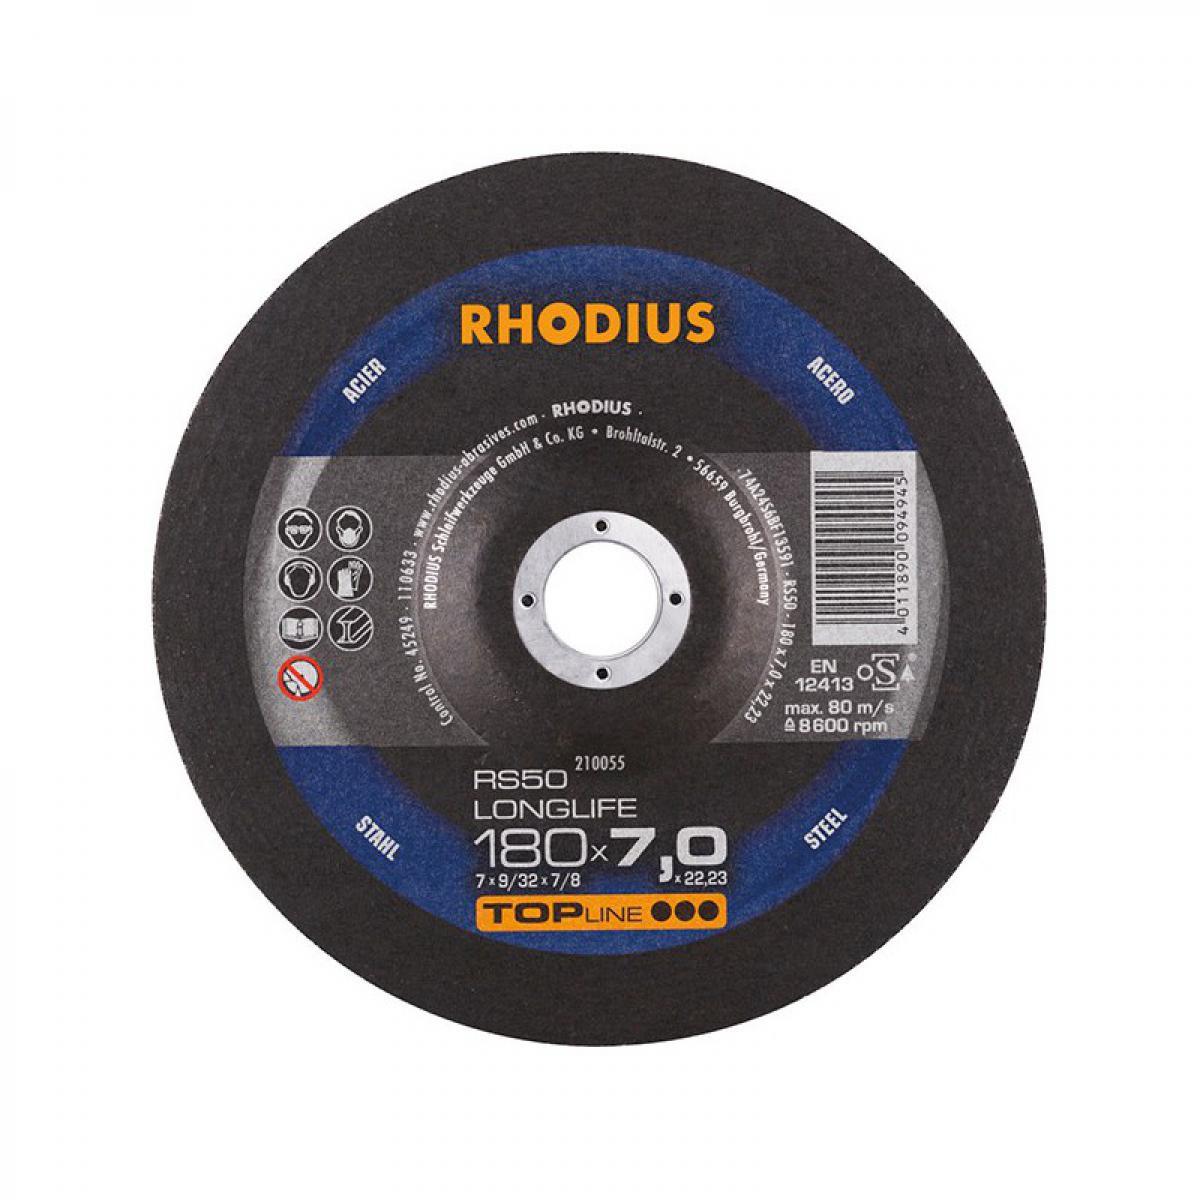 Rhodius Disque de coupe RS50 180 x 7,0mm Acier Rhodius(Par 10)